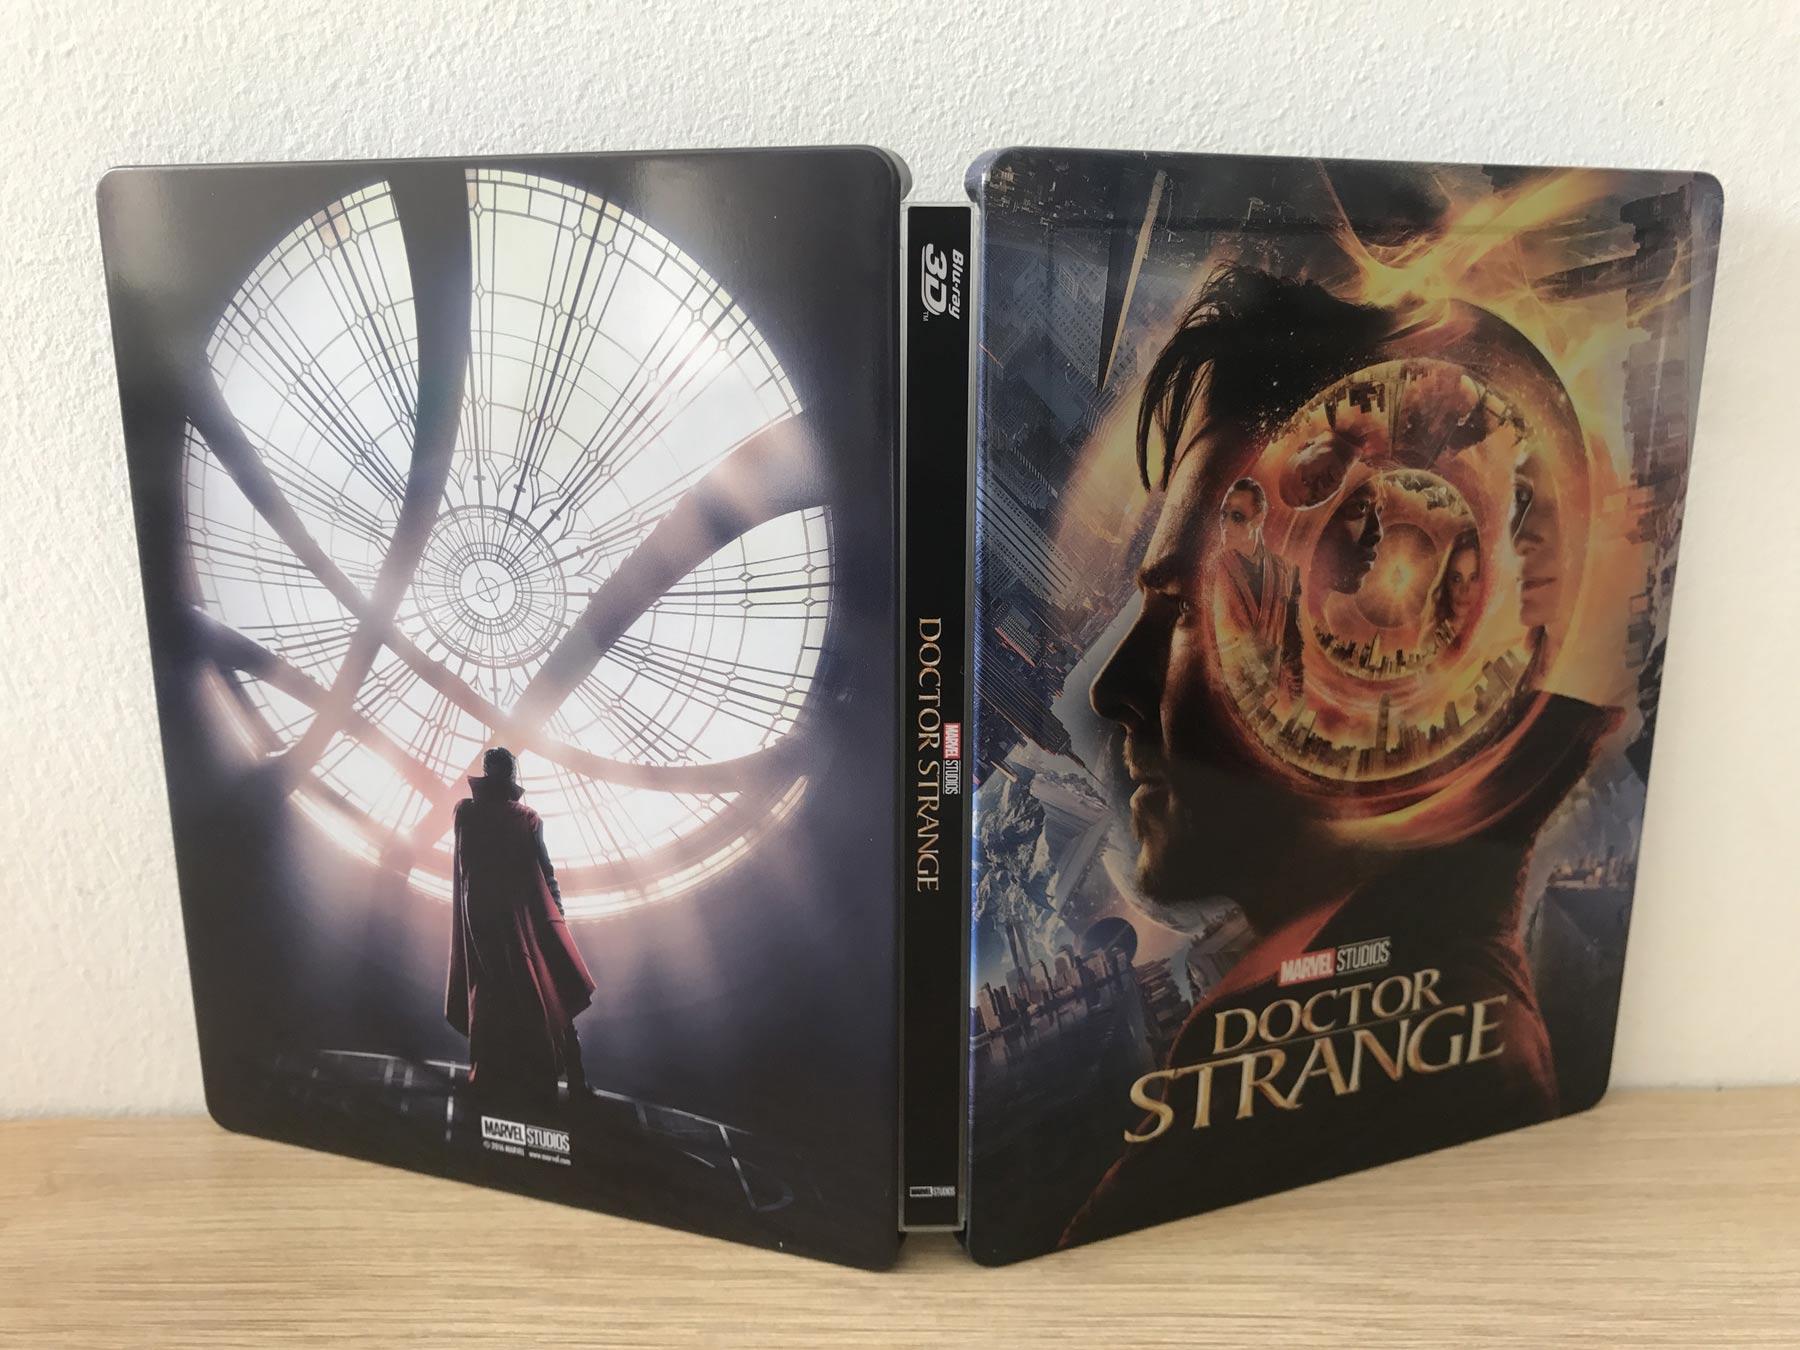 Doctor-Strange-steelbook-blufans 7